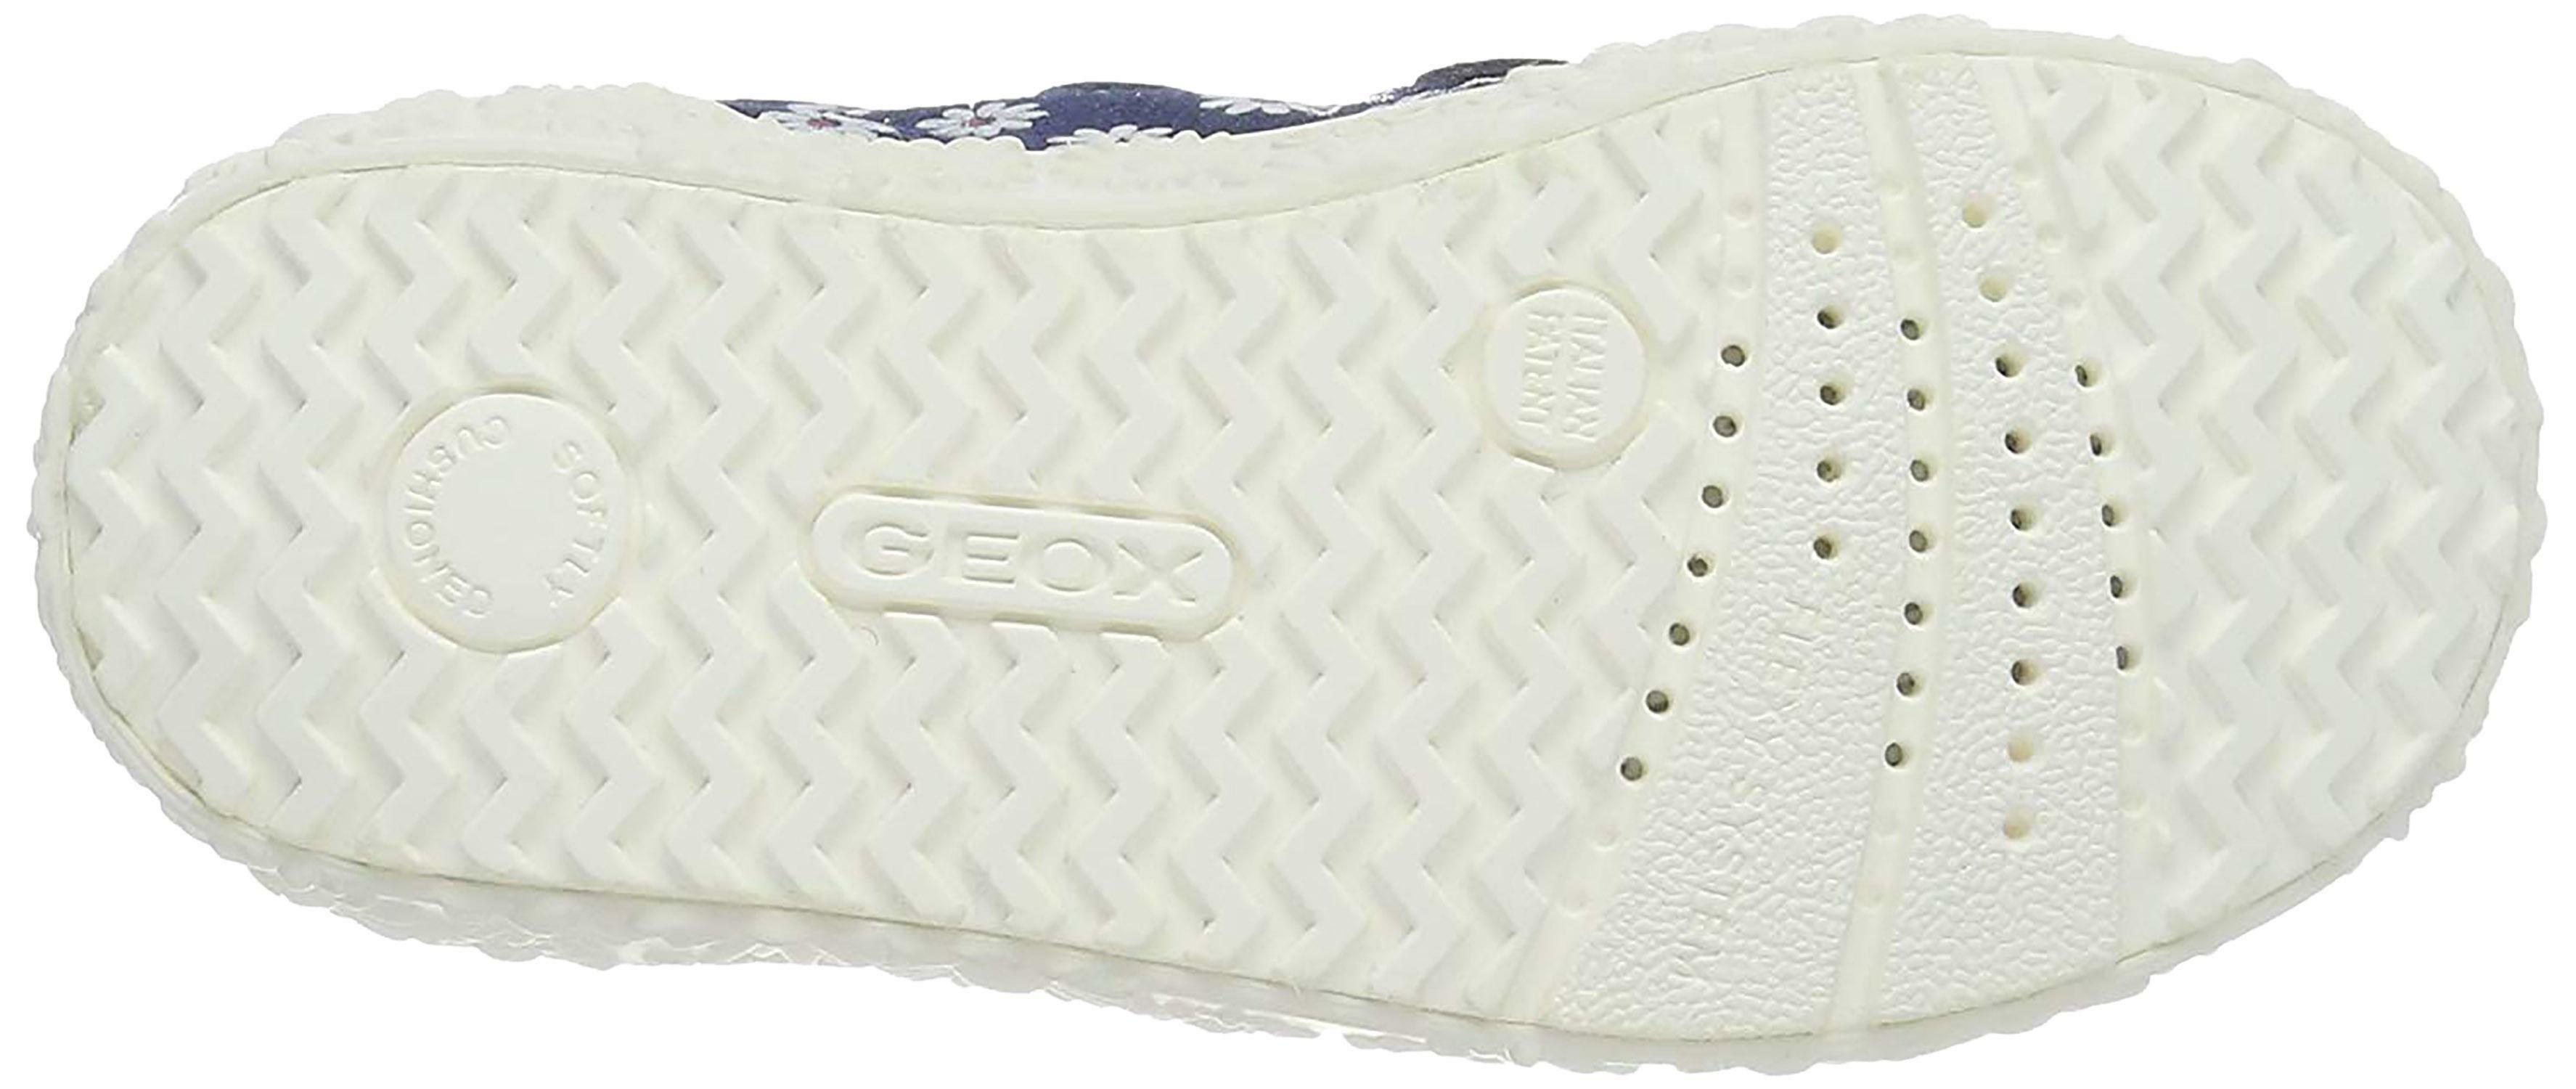 Geox b kilwi g scarpe sportive bambina blu b92d5ec4005